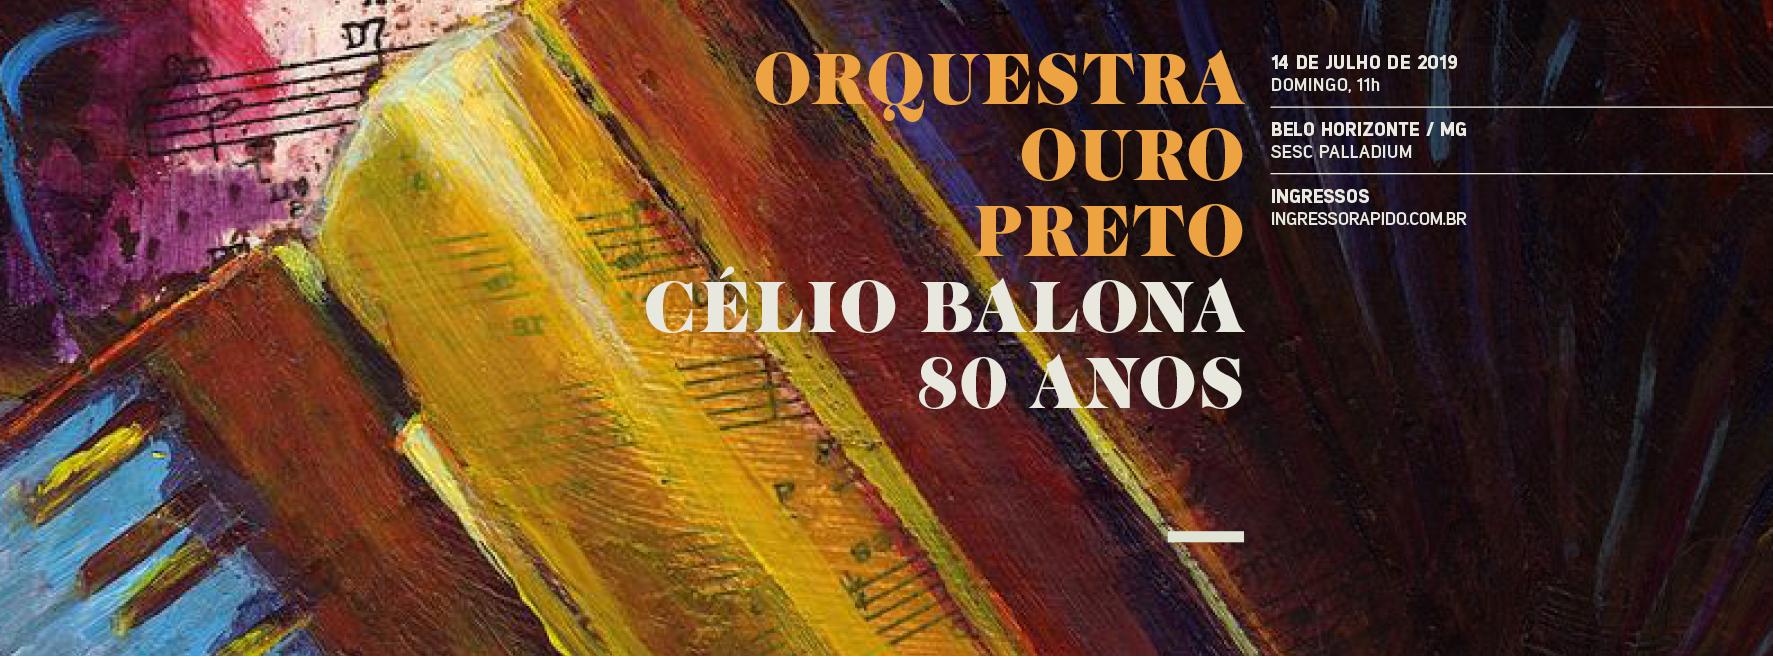 CÉLIO BALONA 80 ANOS